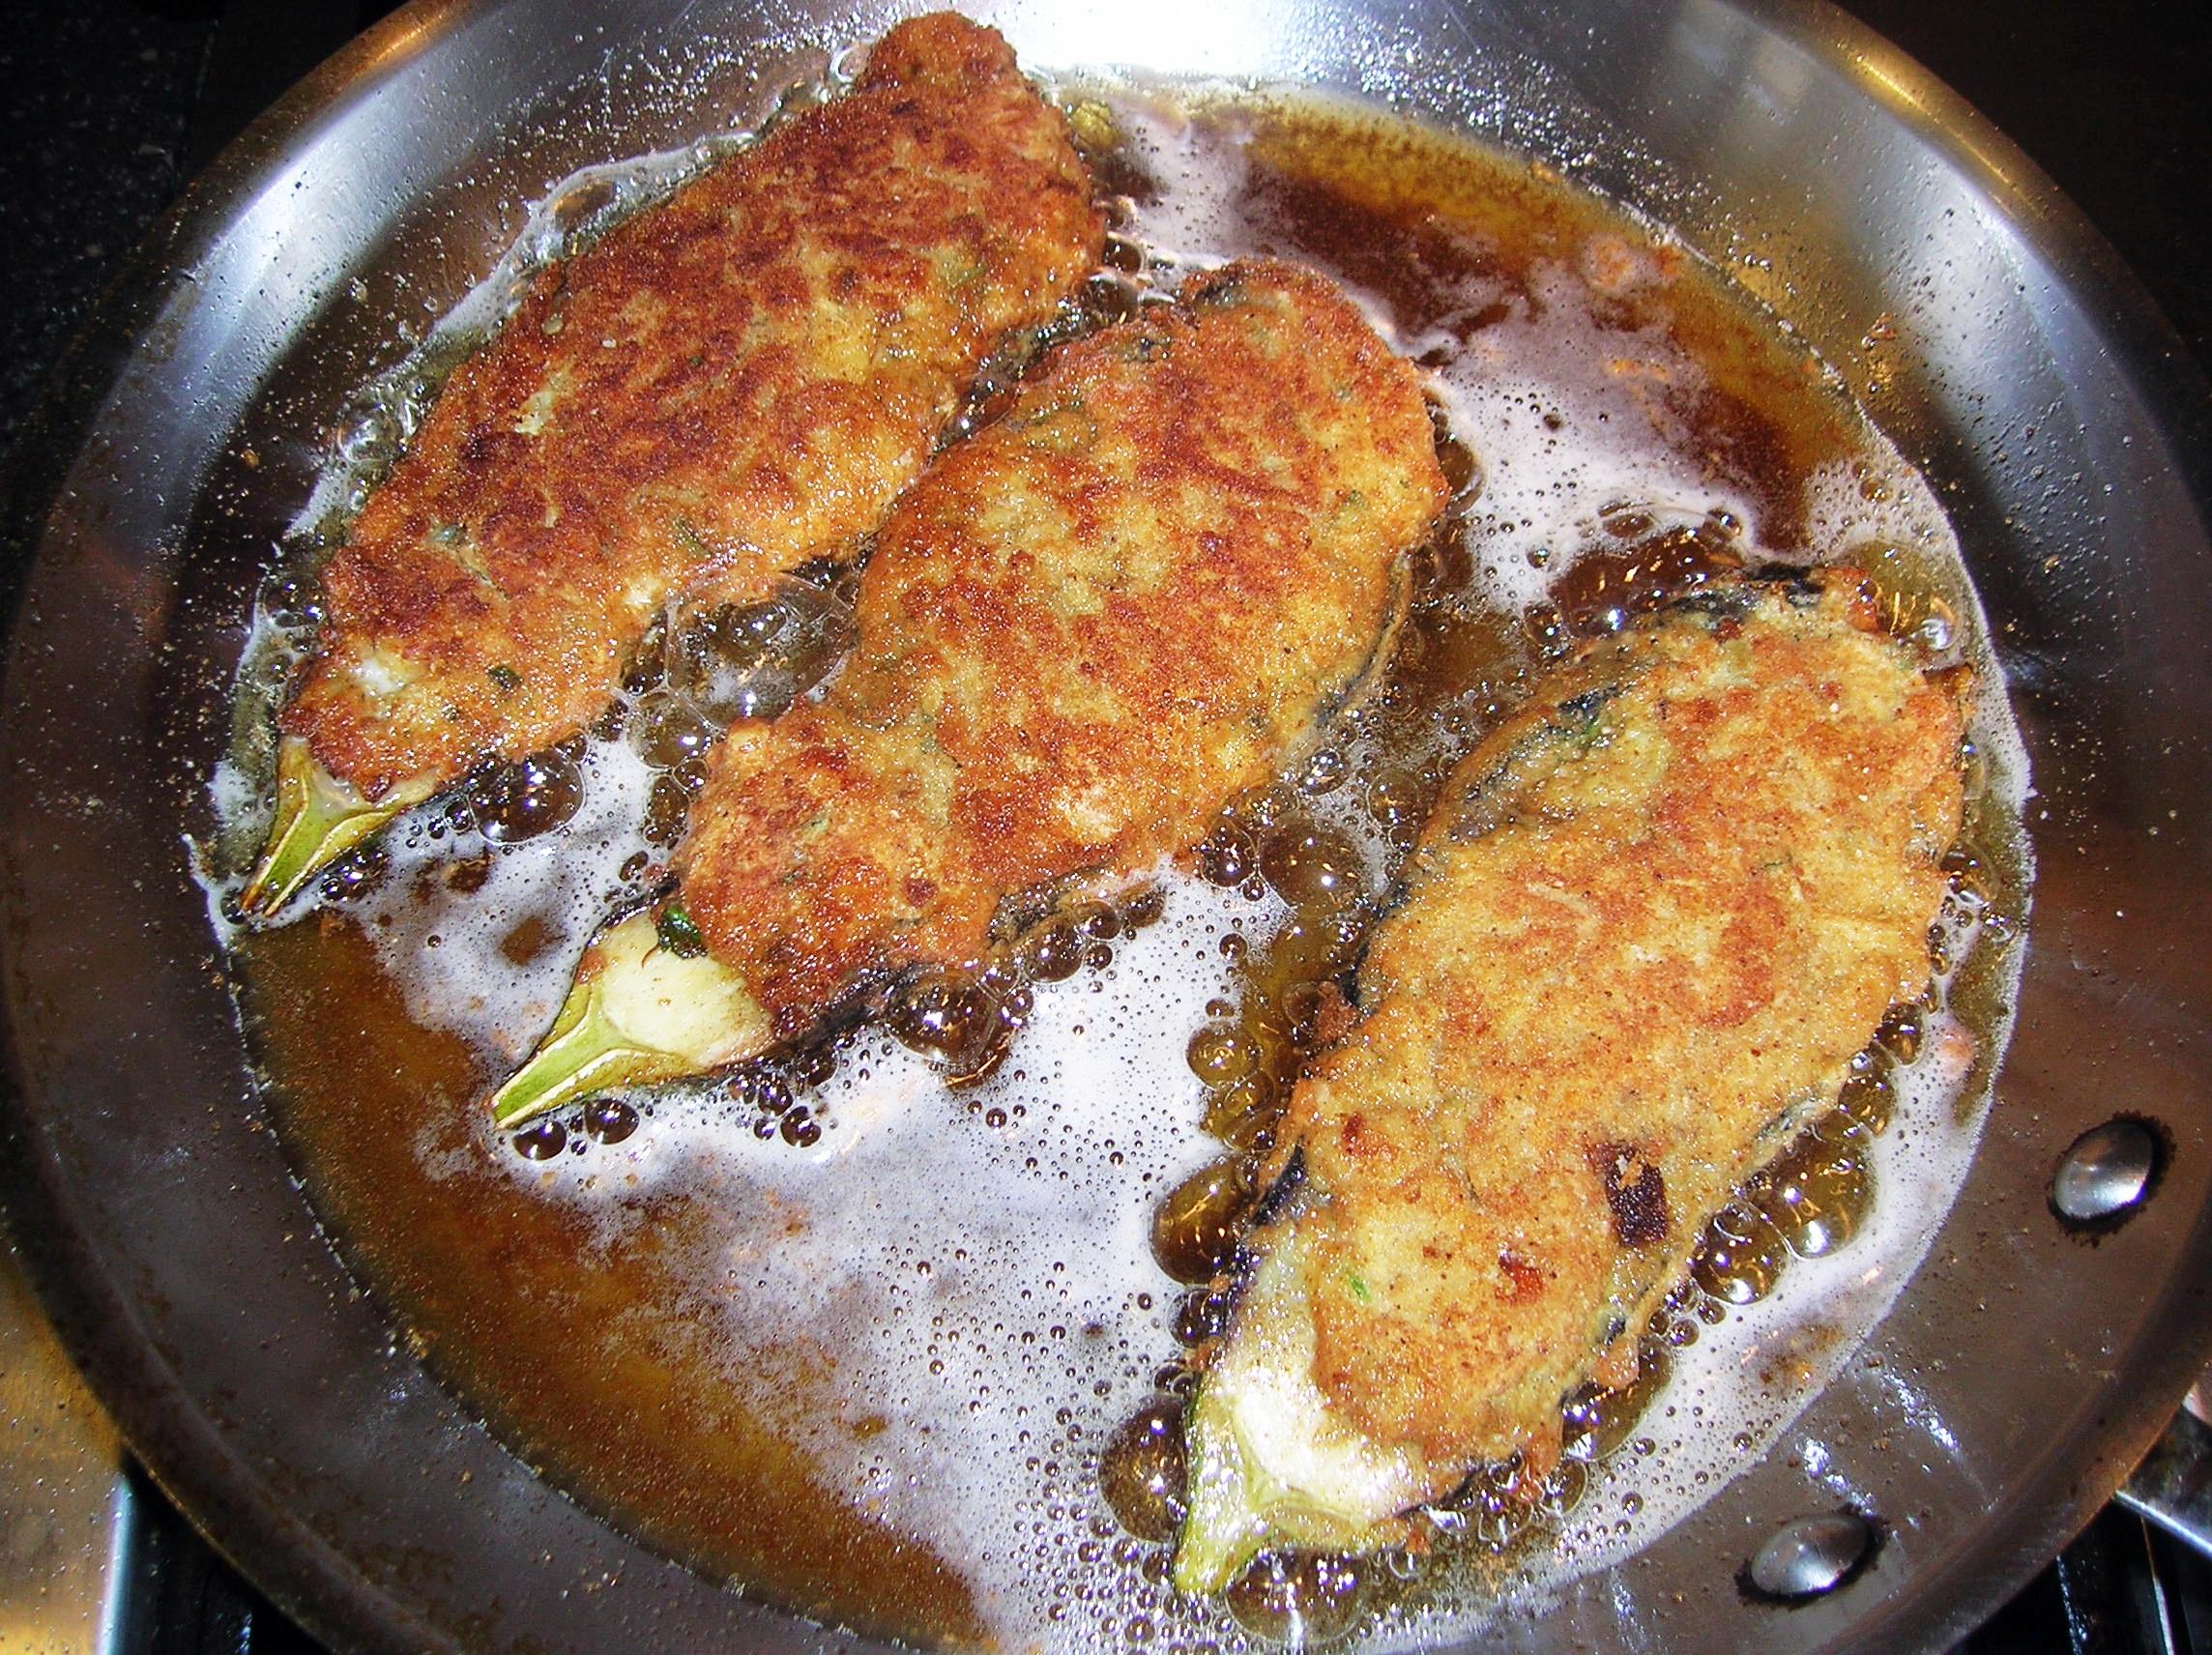 Fried Eggplant With Lemon Wedges Recipes — Dishmaps